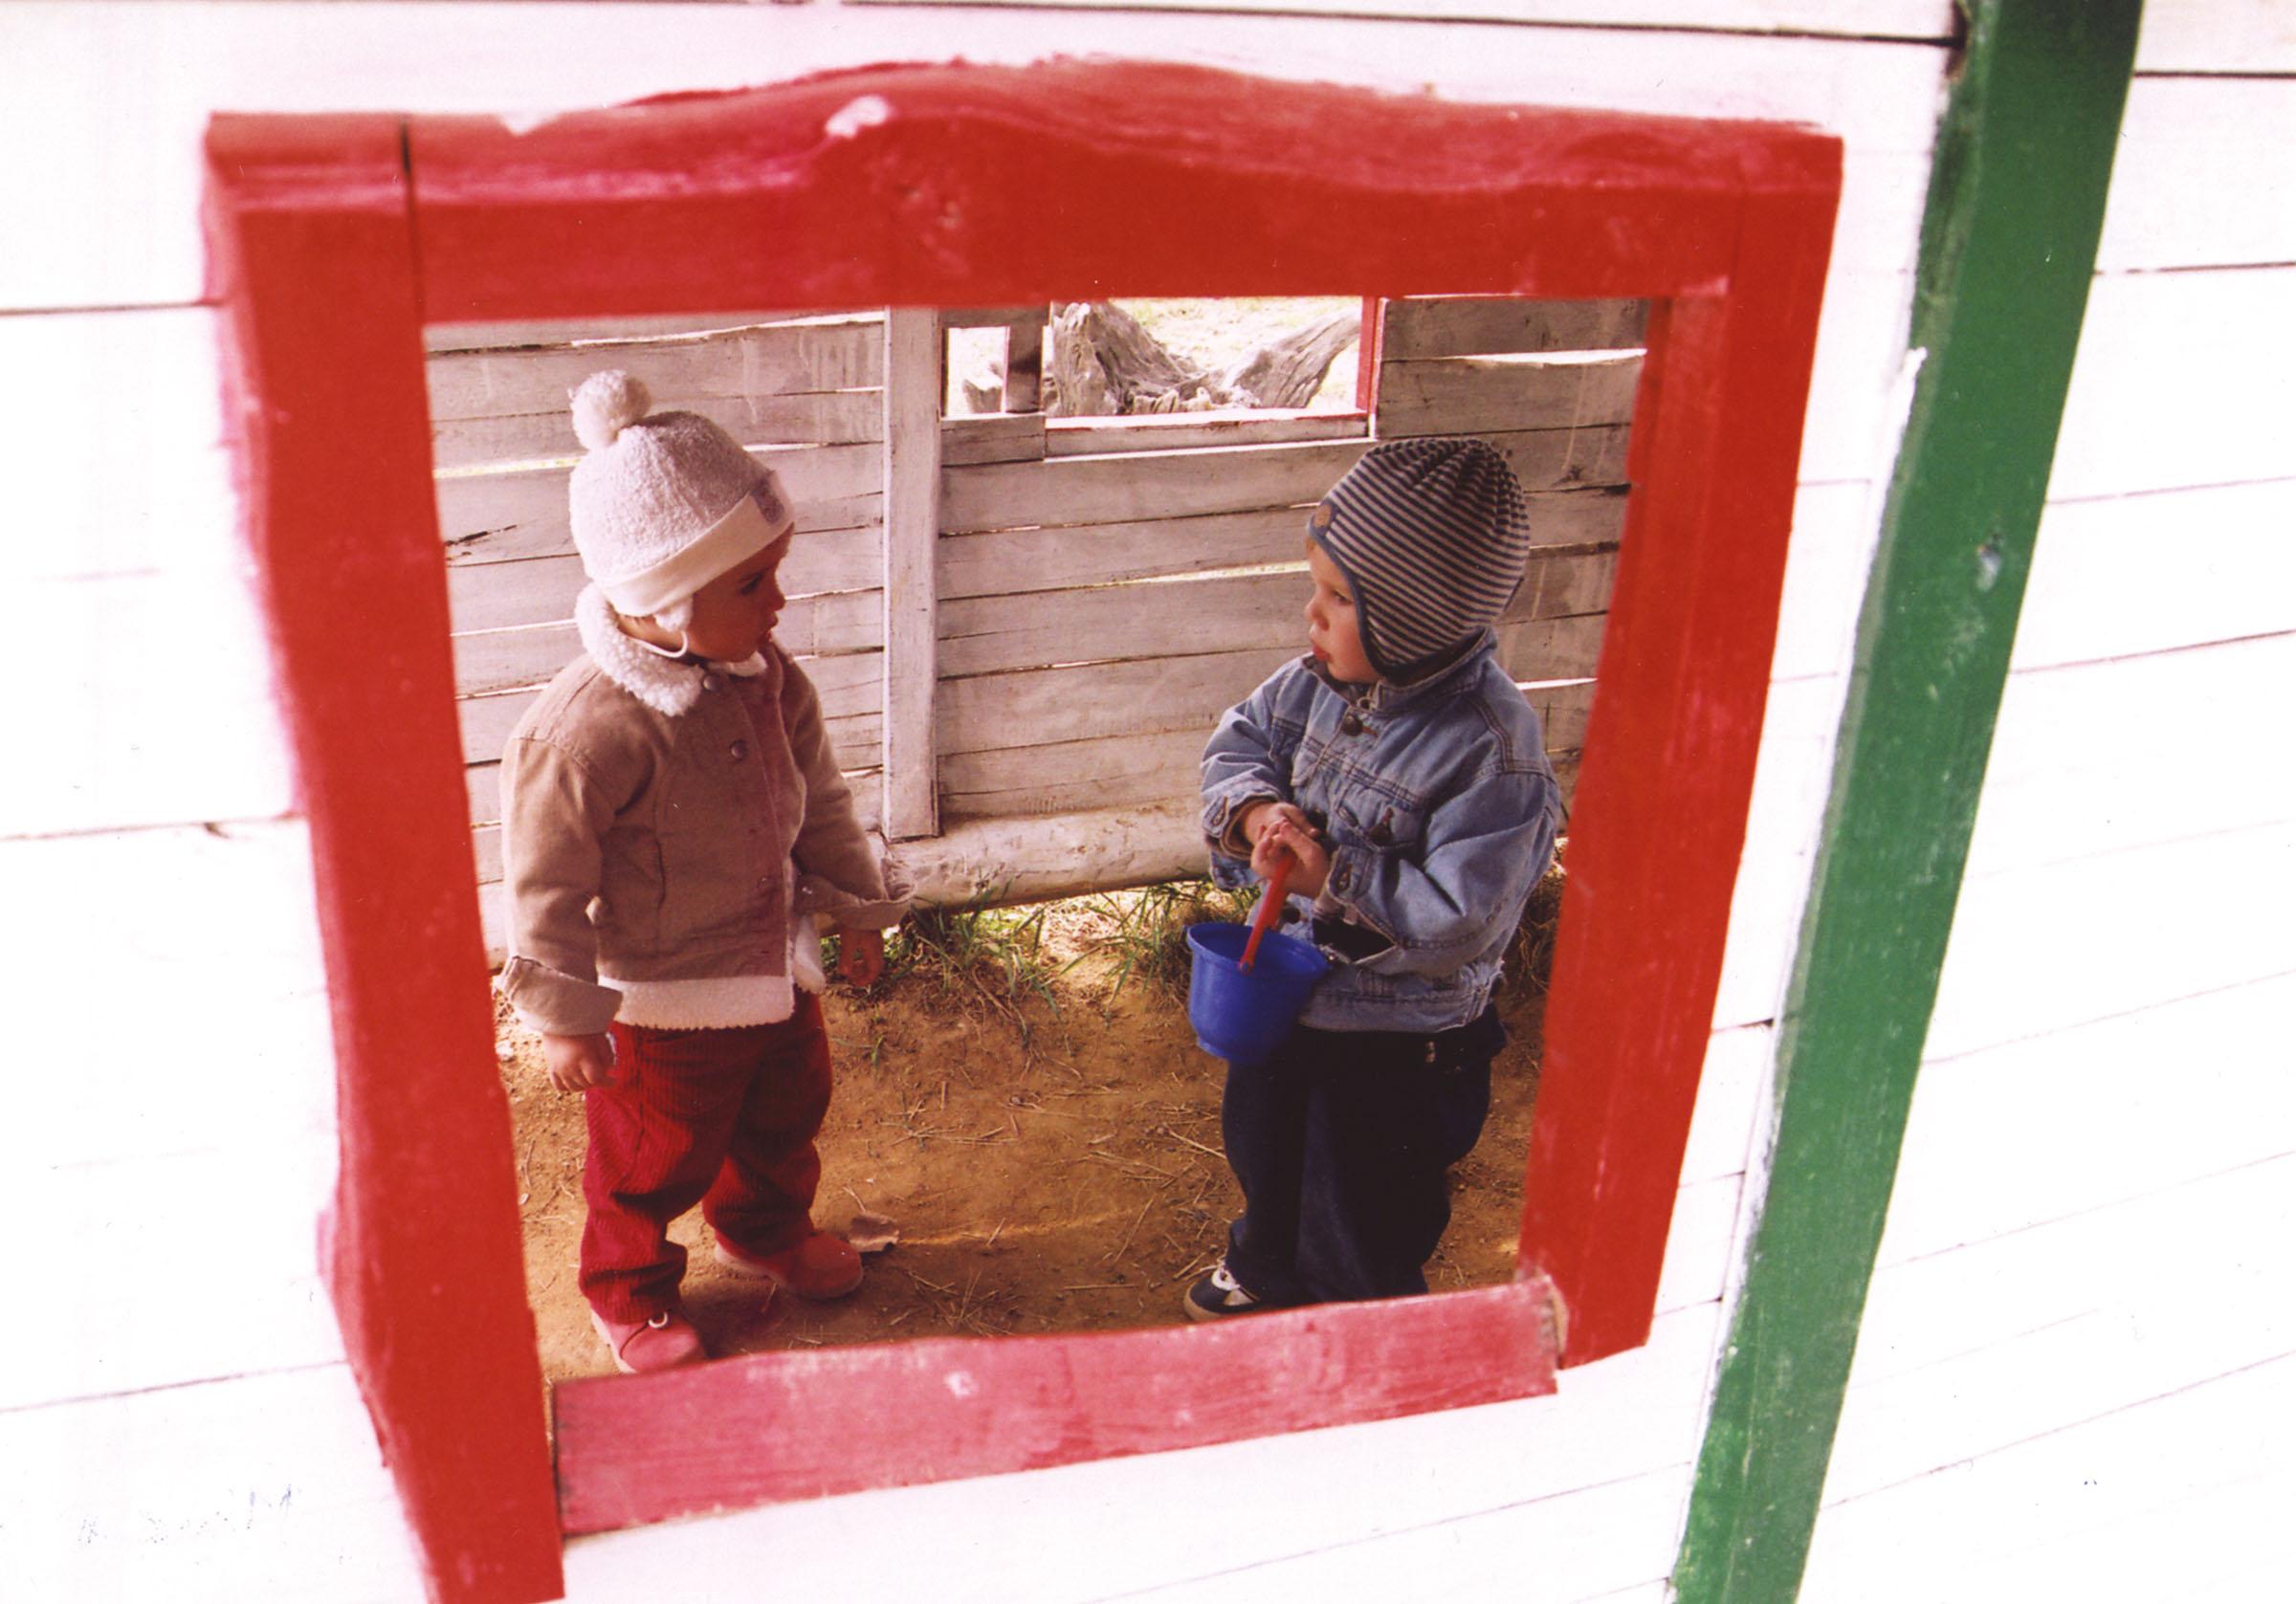 2004.09.18. Hétköznapok fotópályázat - Gelencsér Mónika - Kint és bent.jpg